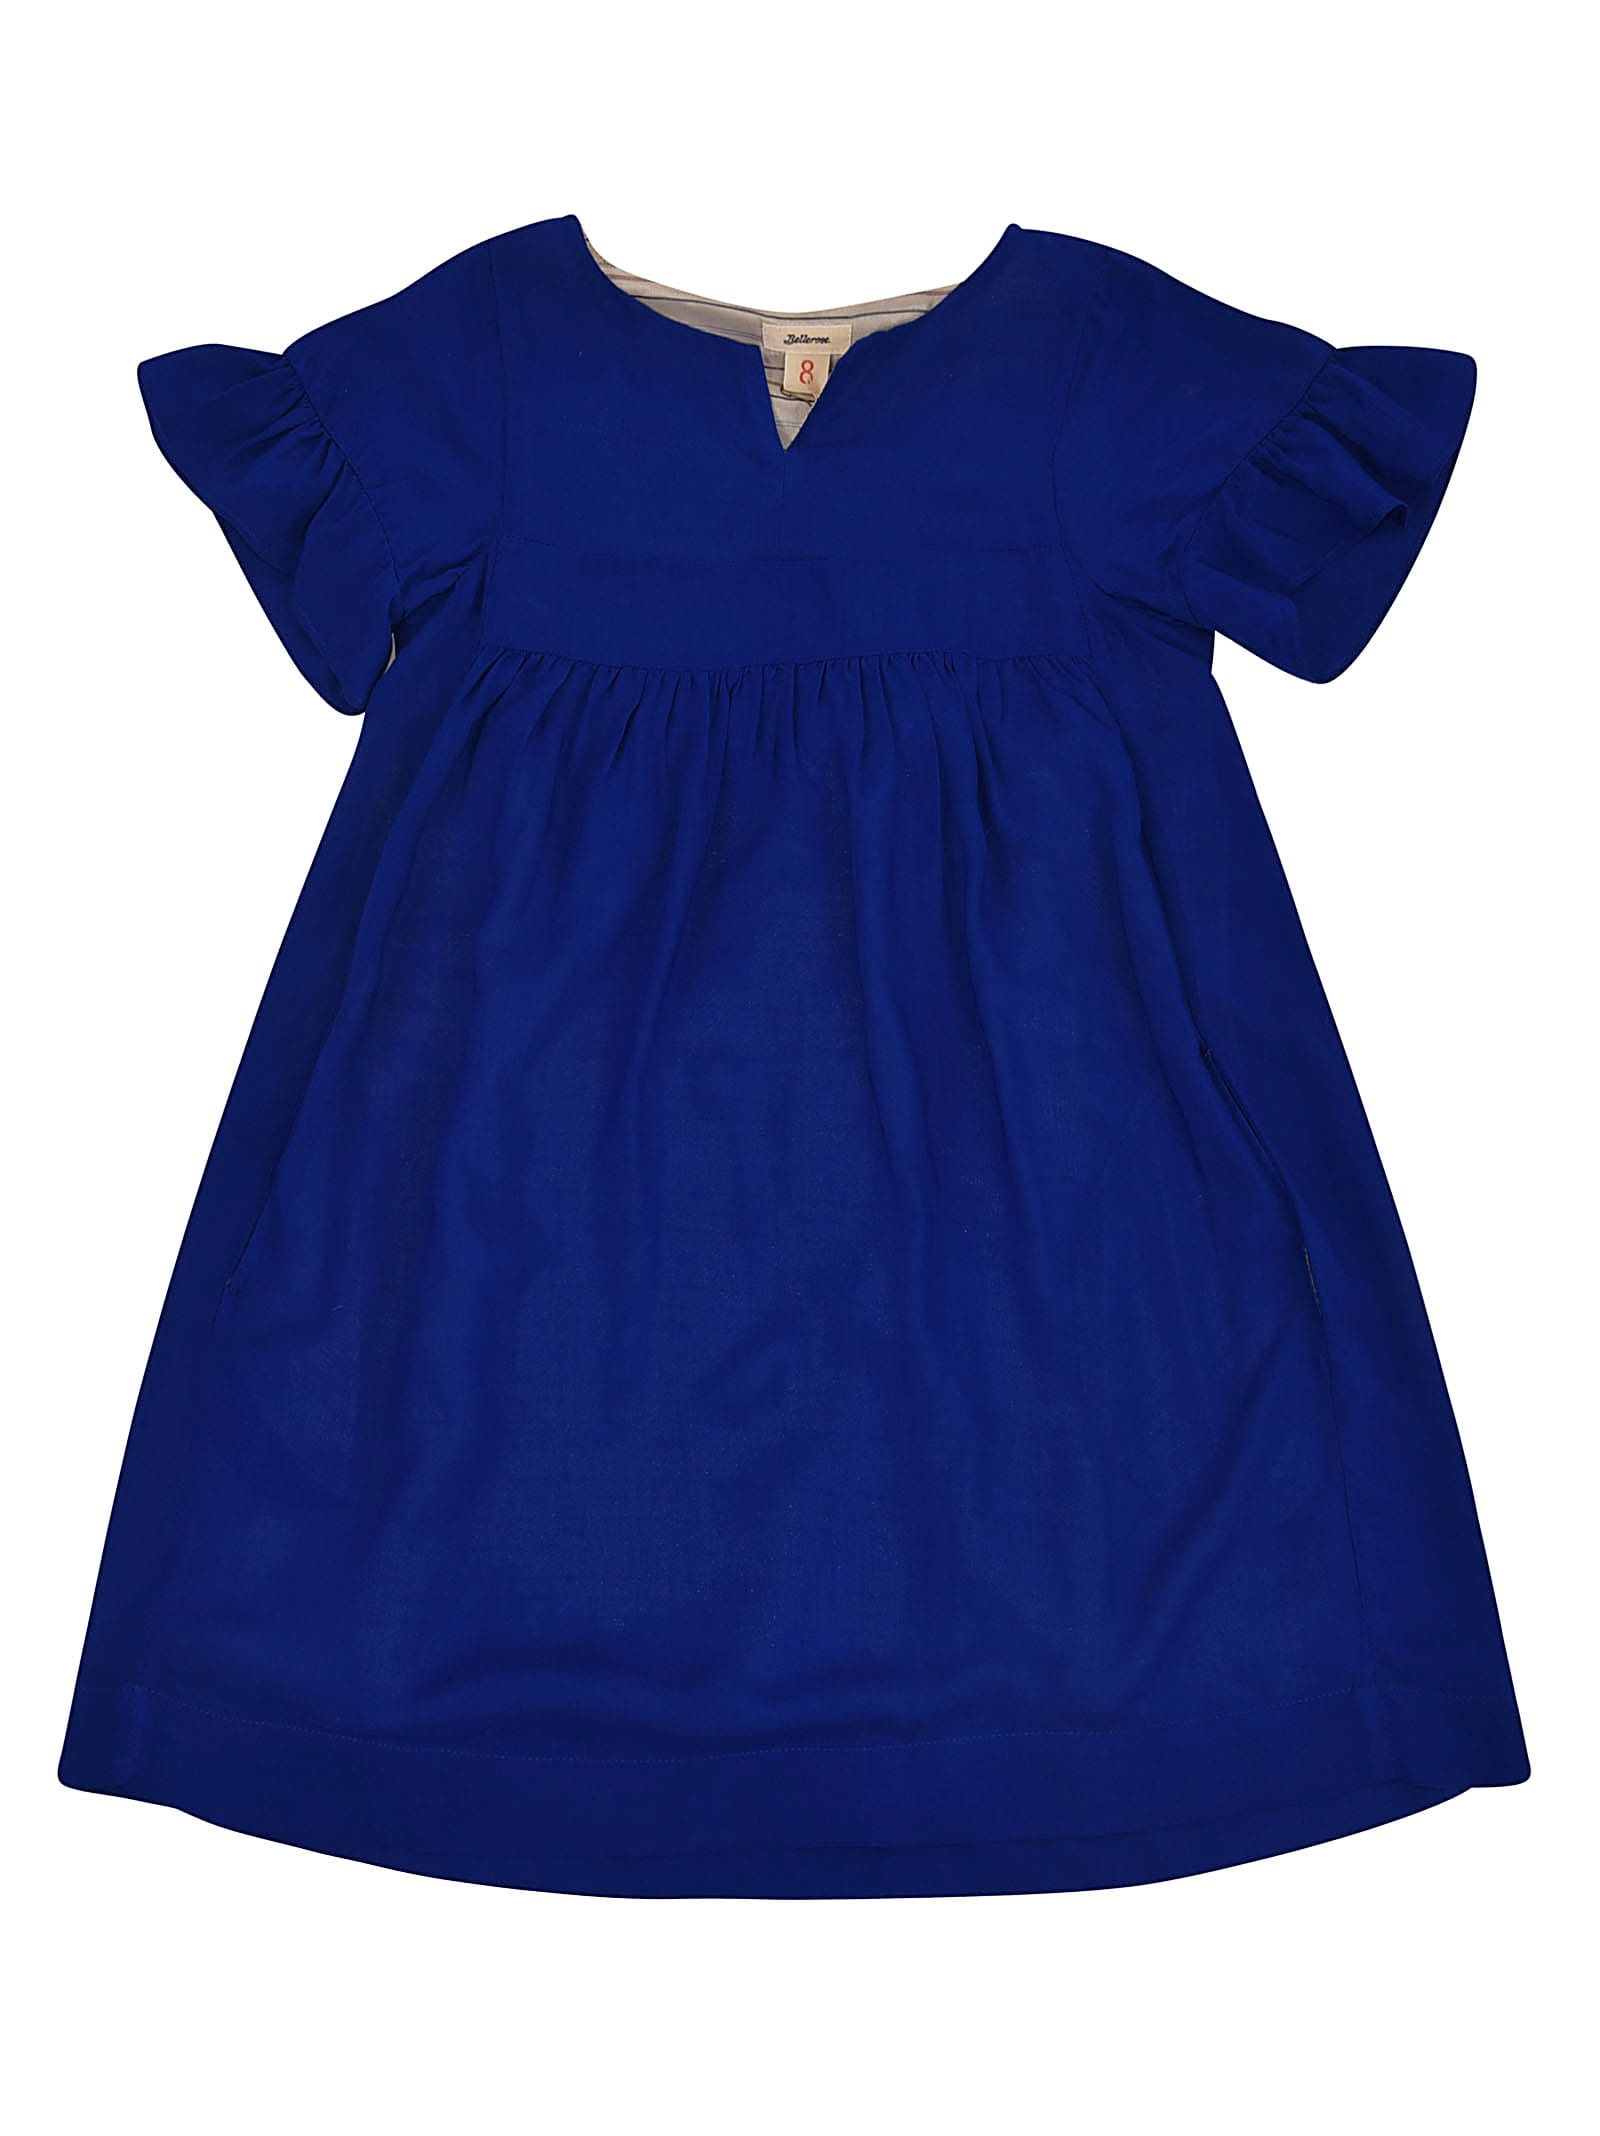 Bellerose Ruffled Sleeved Dress